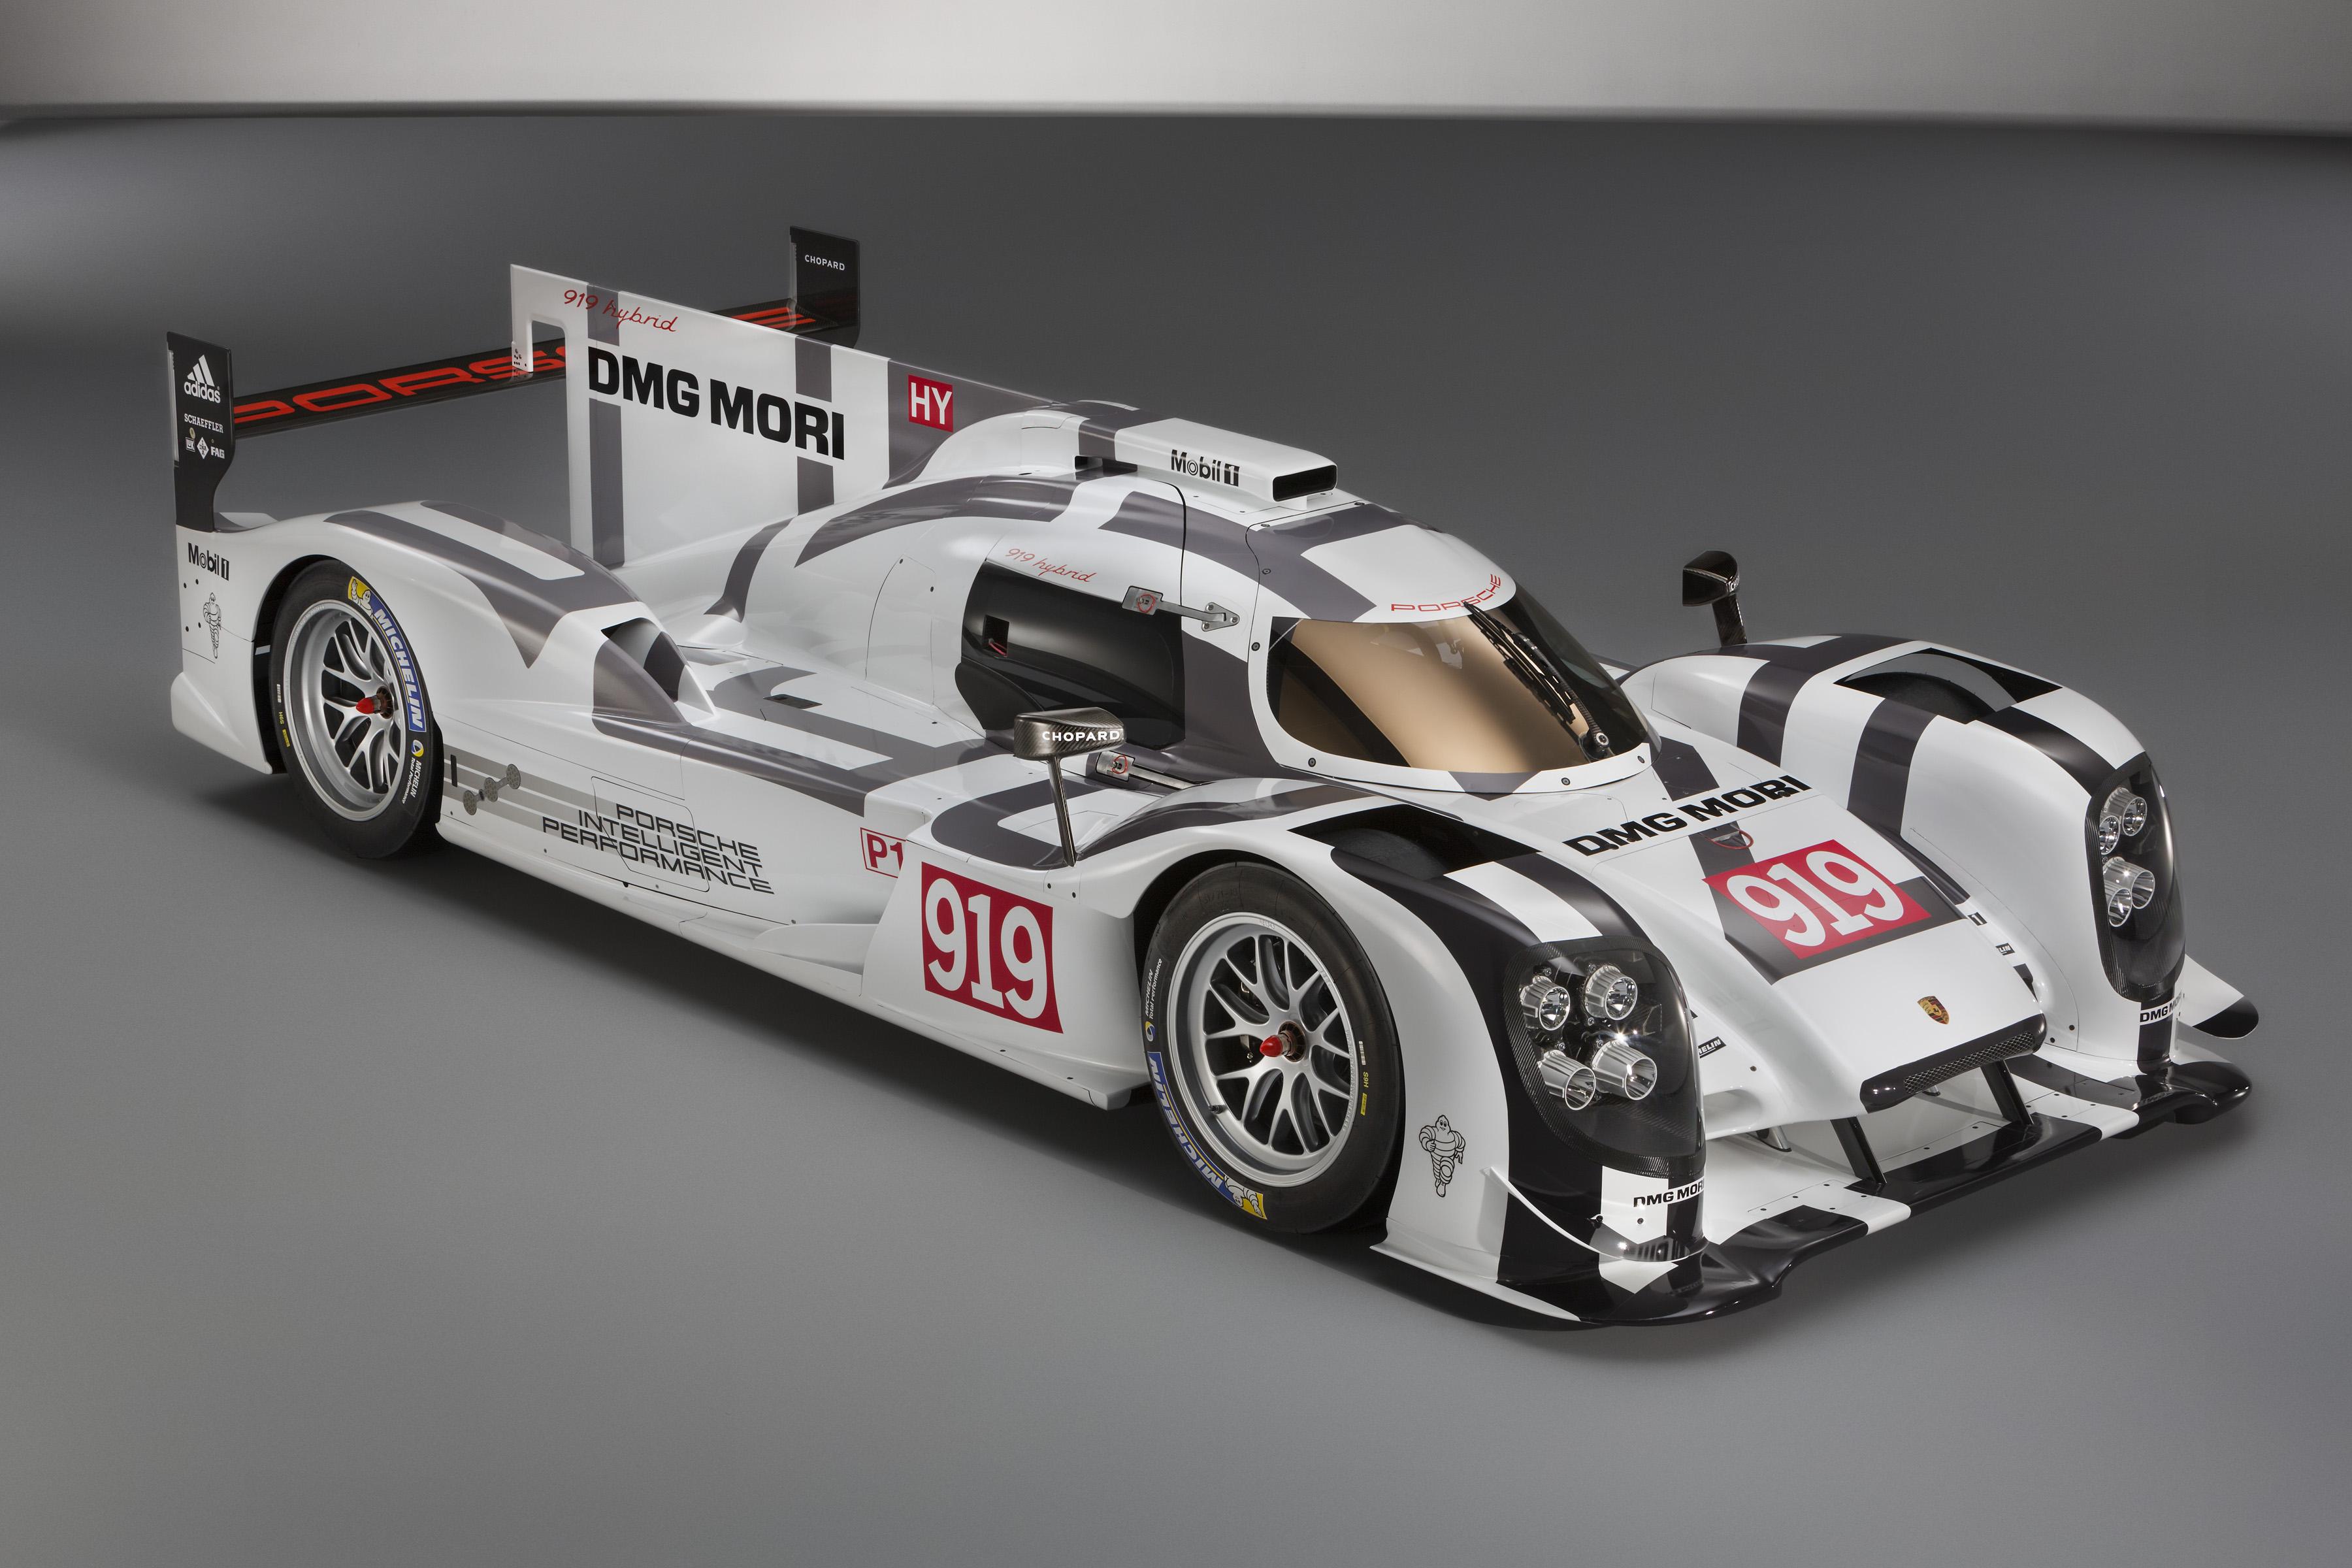 Porsche 919 Hybrid with Michelin tyres